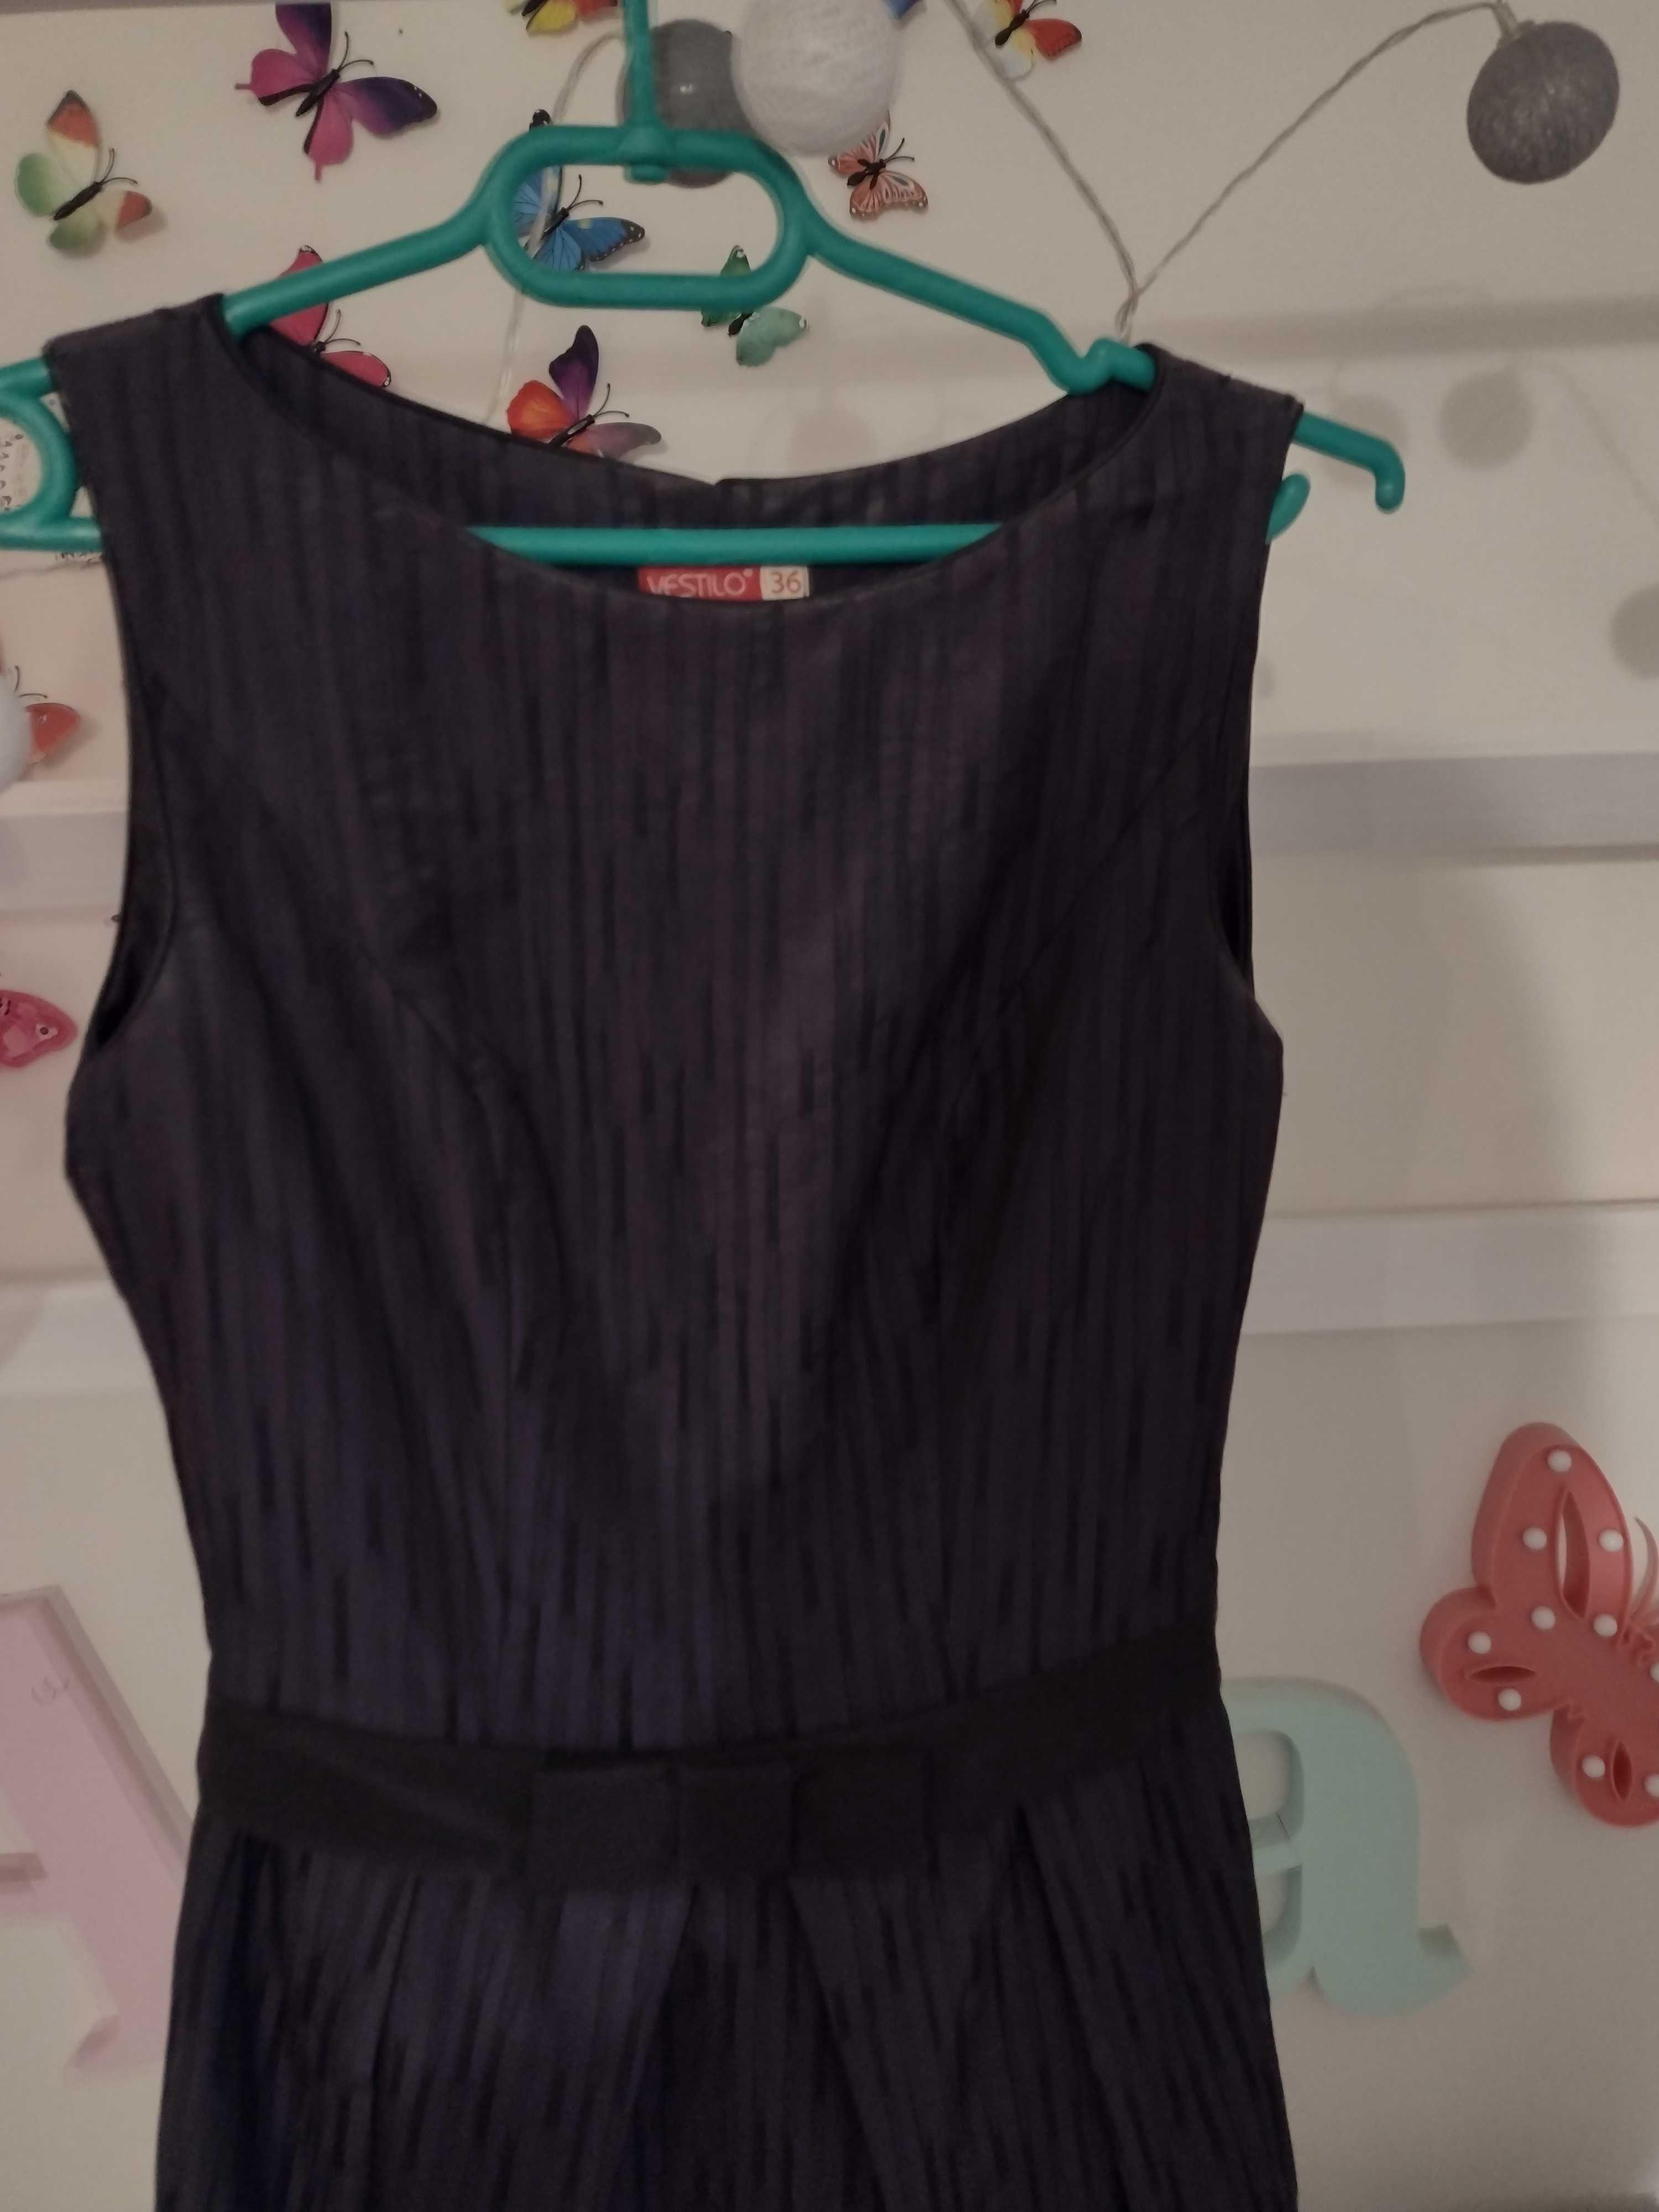 Sukienka 36 Vestilo